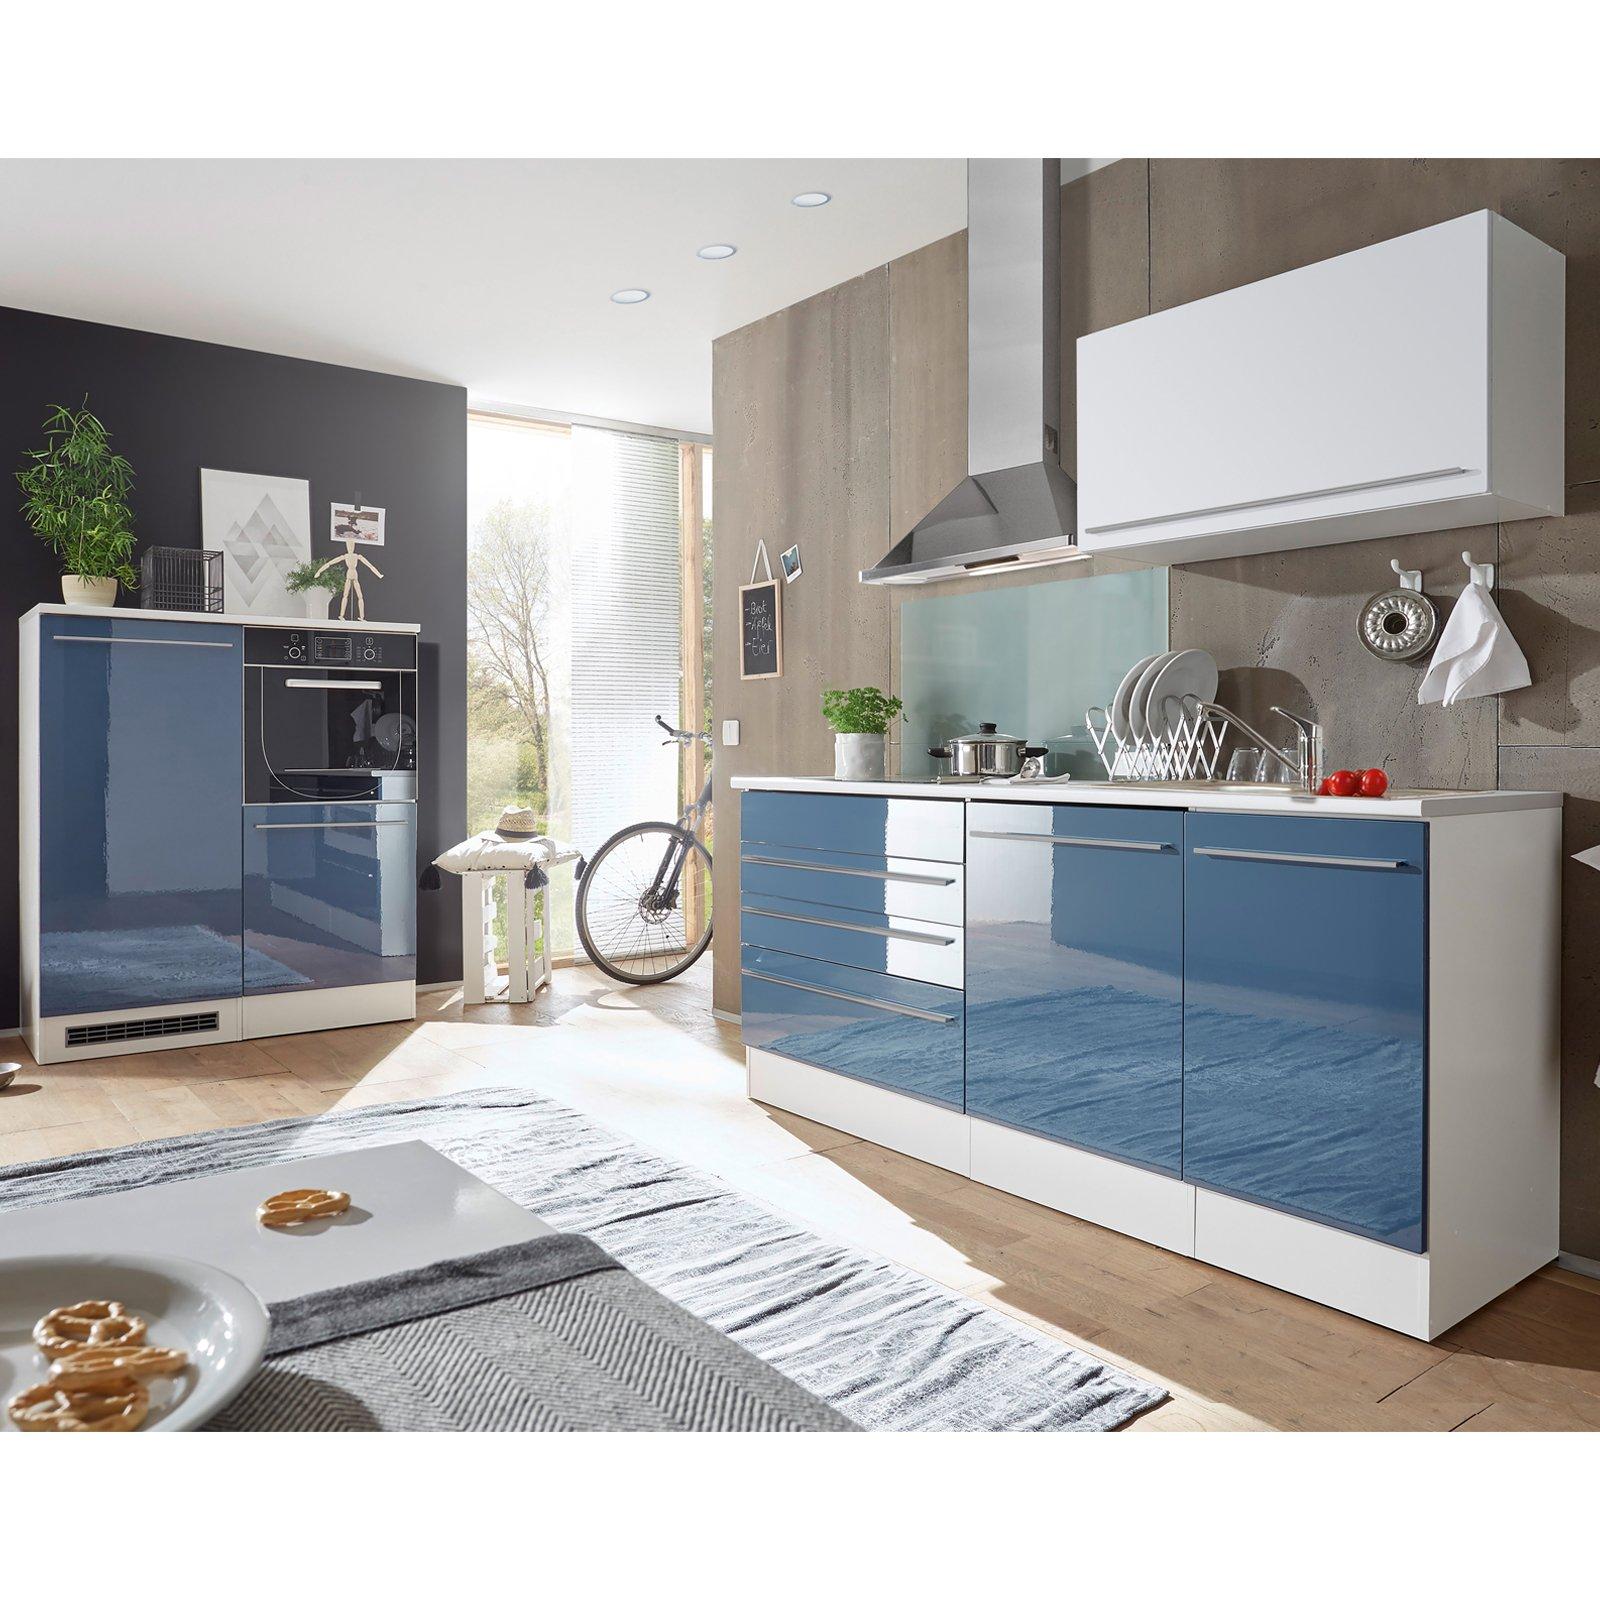 Full Size of Kchenblock Blau Hochglanz Wei Matt 320 Cm Online Bei Roller Regale Küchen Regal Wohnzimmer Küchen Roller